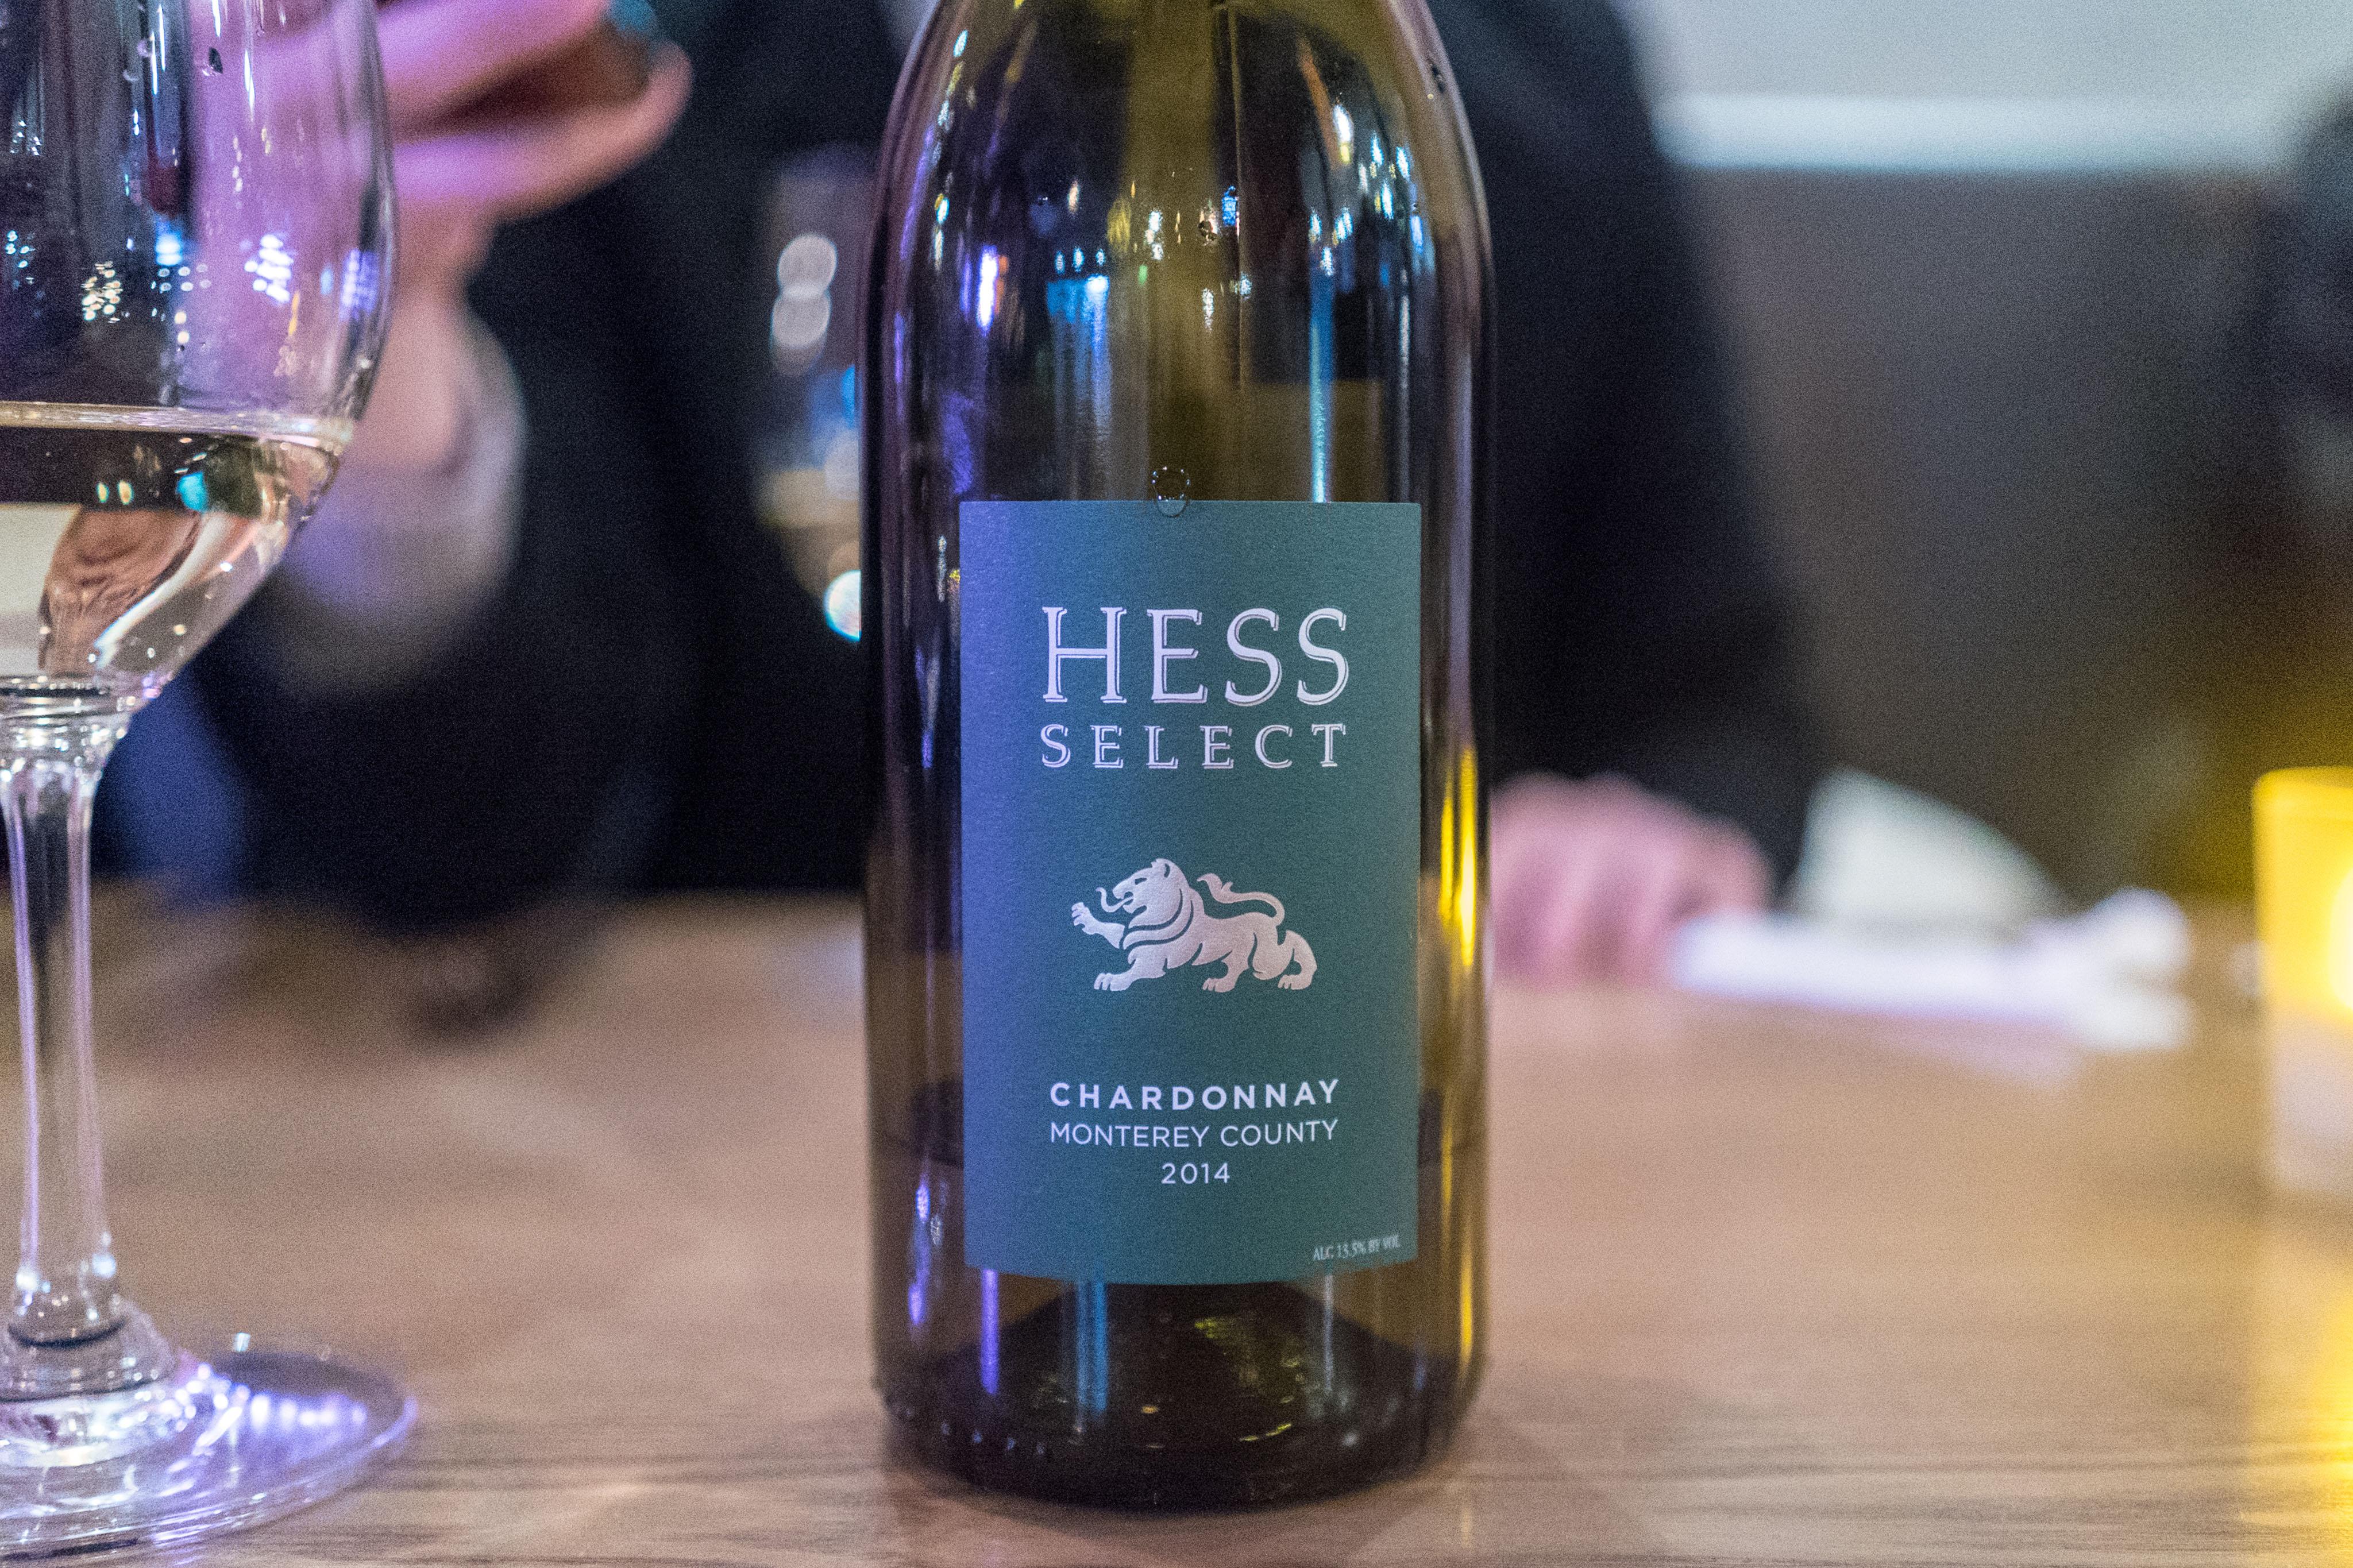 Hess Select Chardonnay 2014